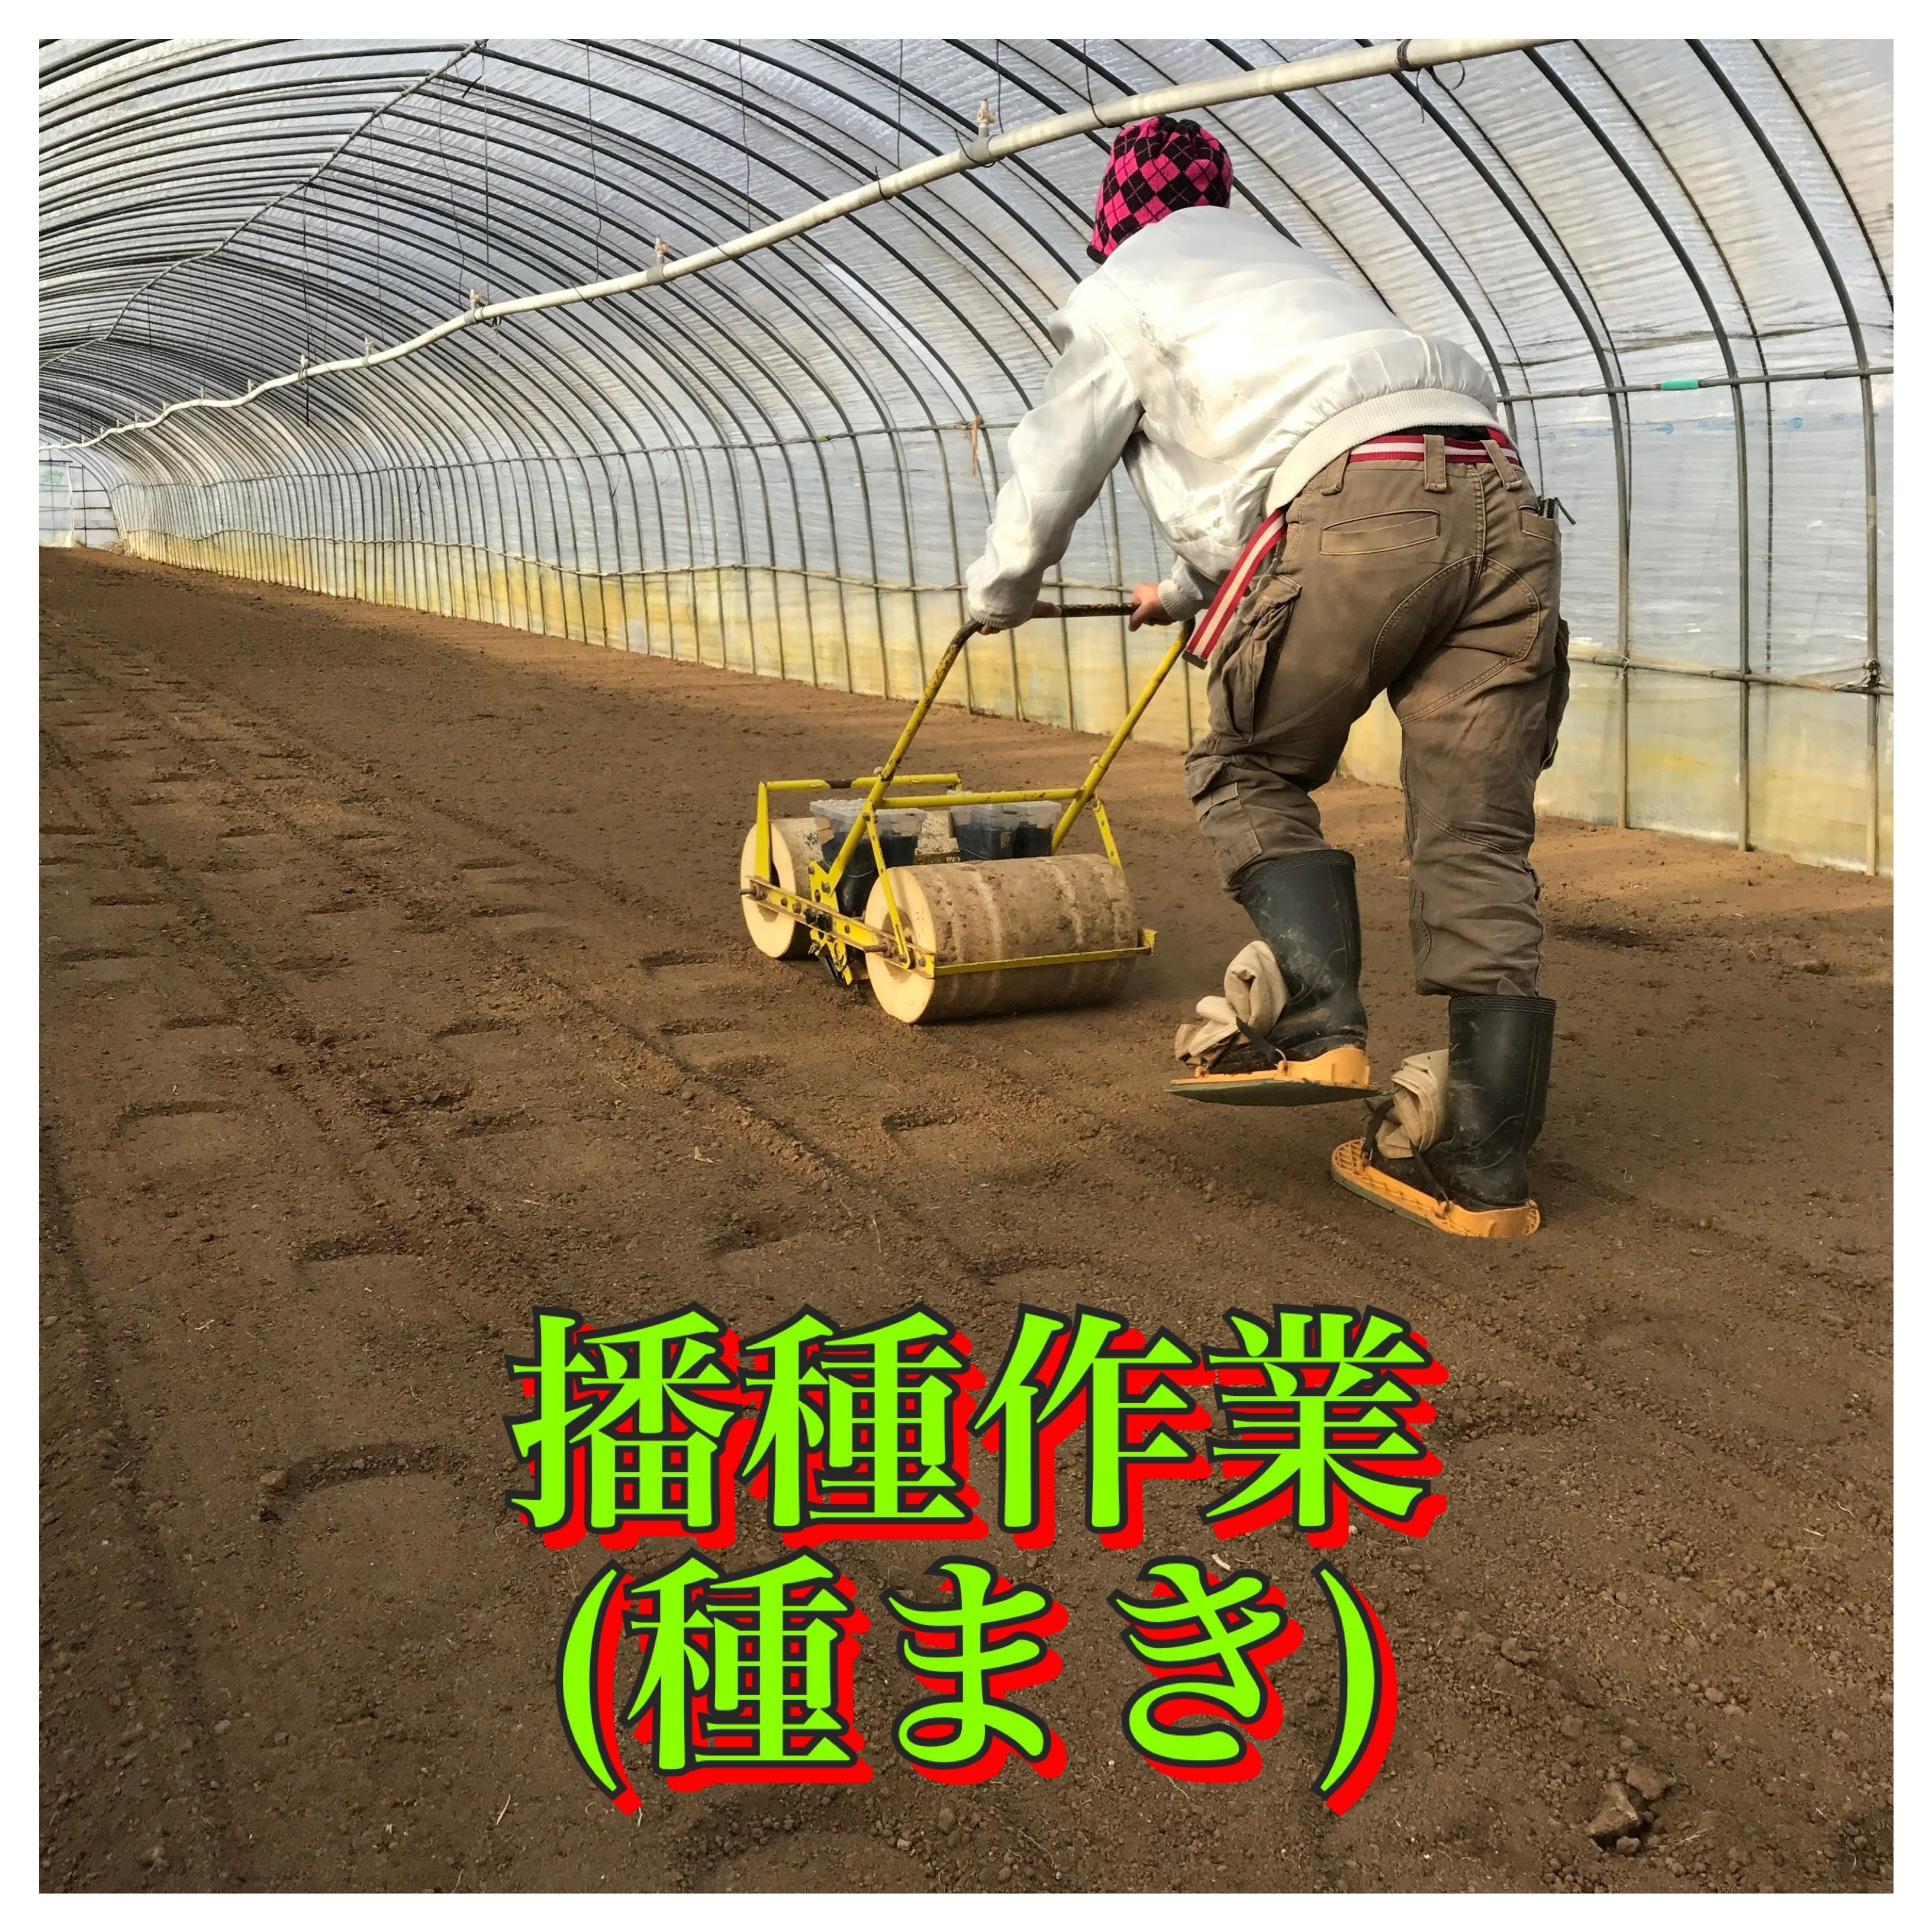 【大分県中津市/農業体験】『ランチ・おみやげ付き』つるちゃんの命の授業のイメージその3